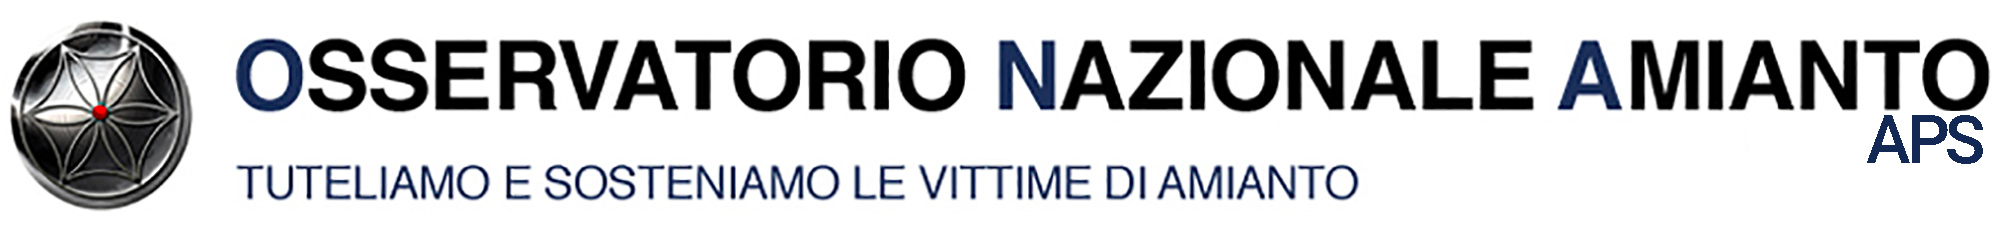 Osservatorio Nazionale Amianto ONA Onlus